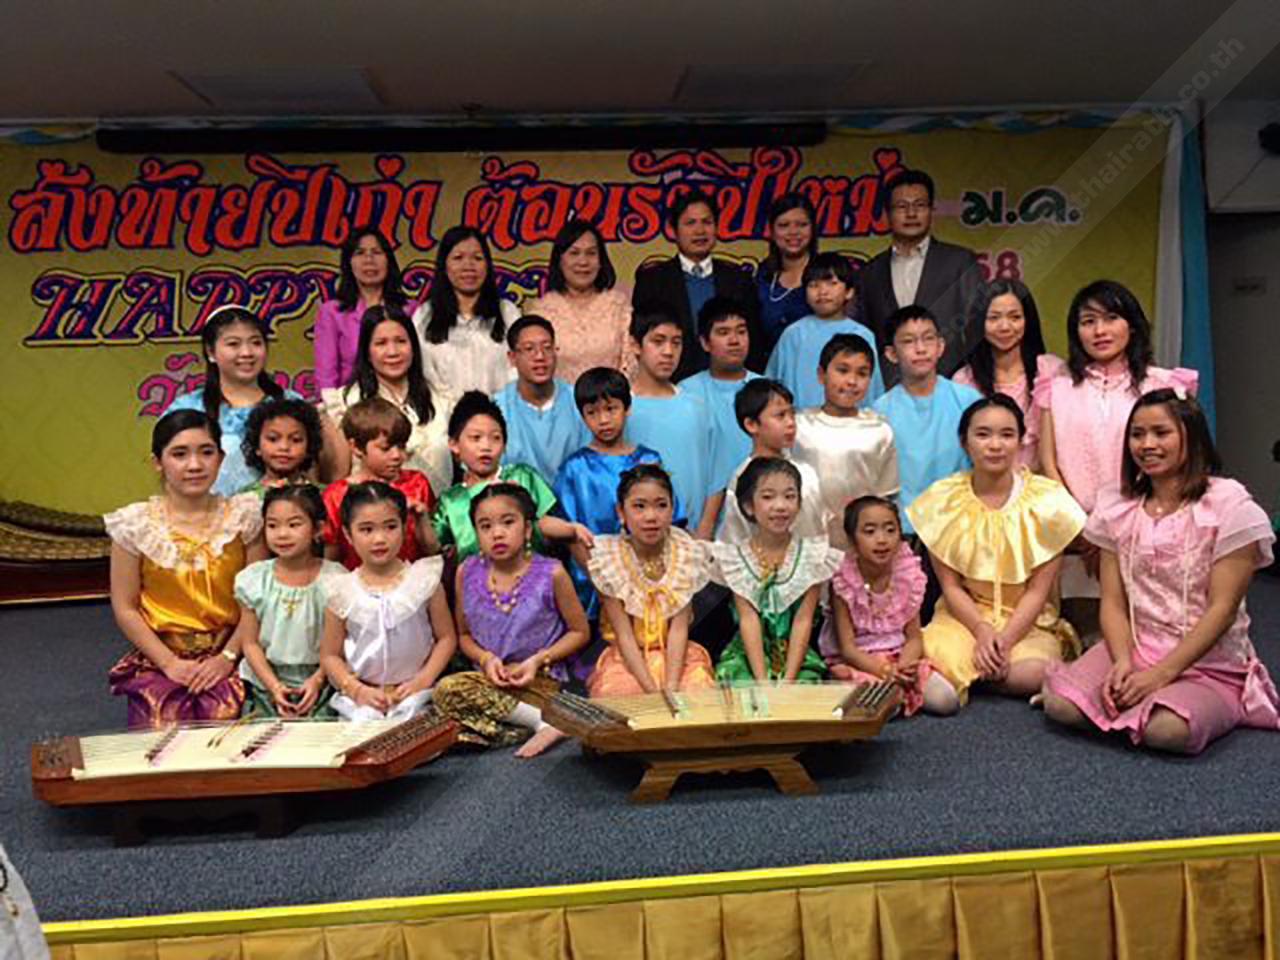 ลูกหลานไทย คณะครูอาสาจากคณะครุศาสตร์ จุฬาฯ ถ่ายภาพกับเยาวชนและผู้ปกครอง ที่ร่วมแสดงนาฏศิลป์และดนตรีไทย ในงานฉลอง ปีใหม่ของวัดไทย กรุงวอชิงตัน ดี.ซี. มีผู้มาร่วมงานอย่างครึกครื้นมากมาย.